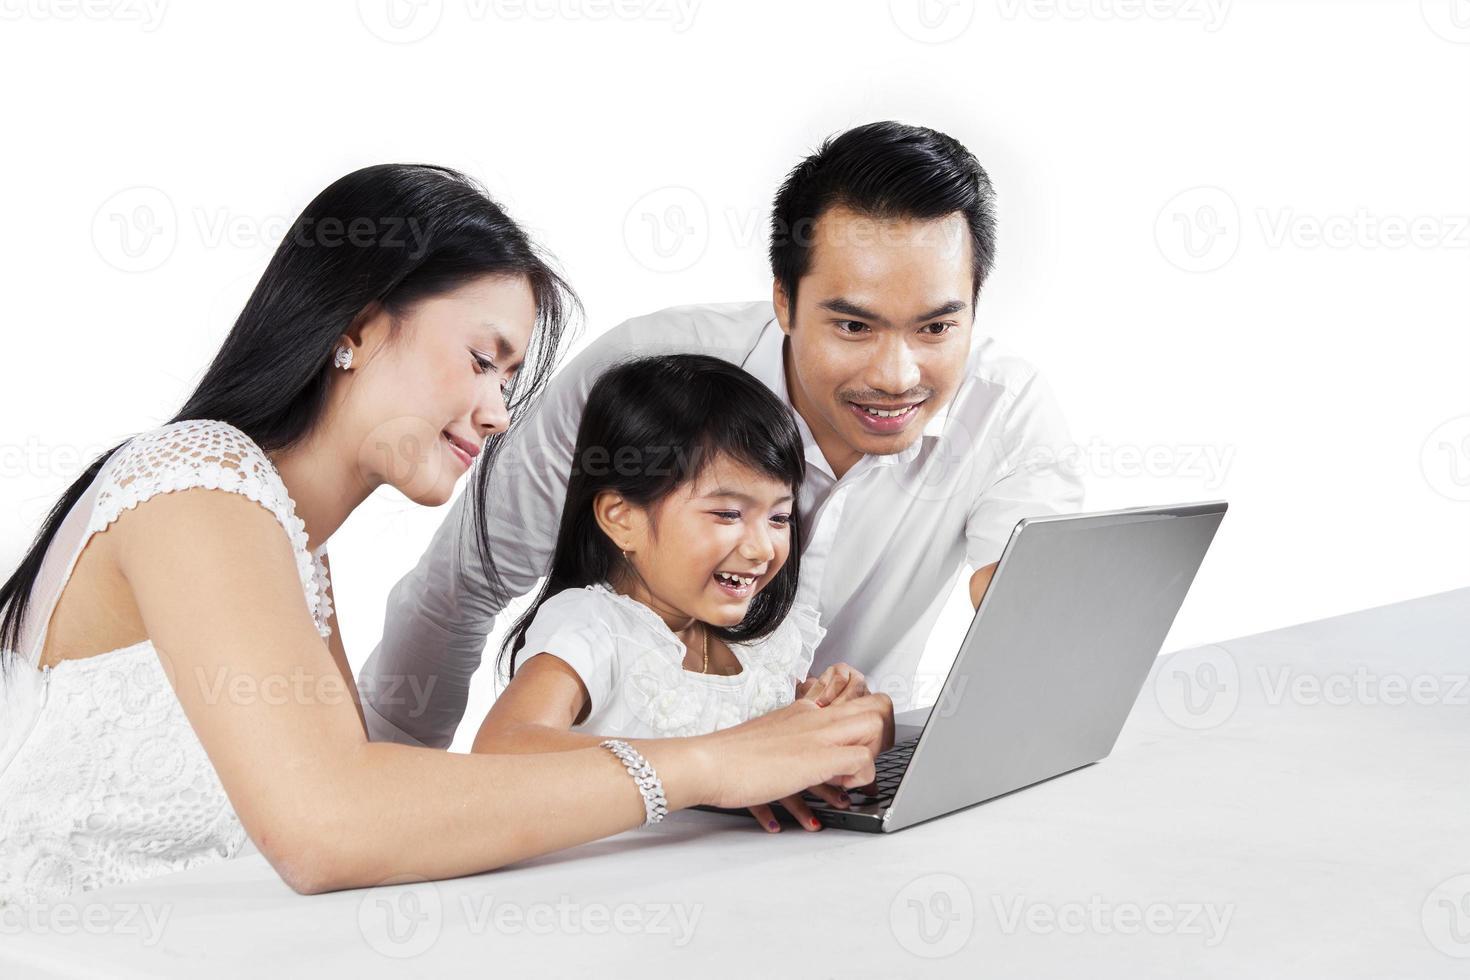 famille joyeuse avec ordinateur portable en studio photo